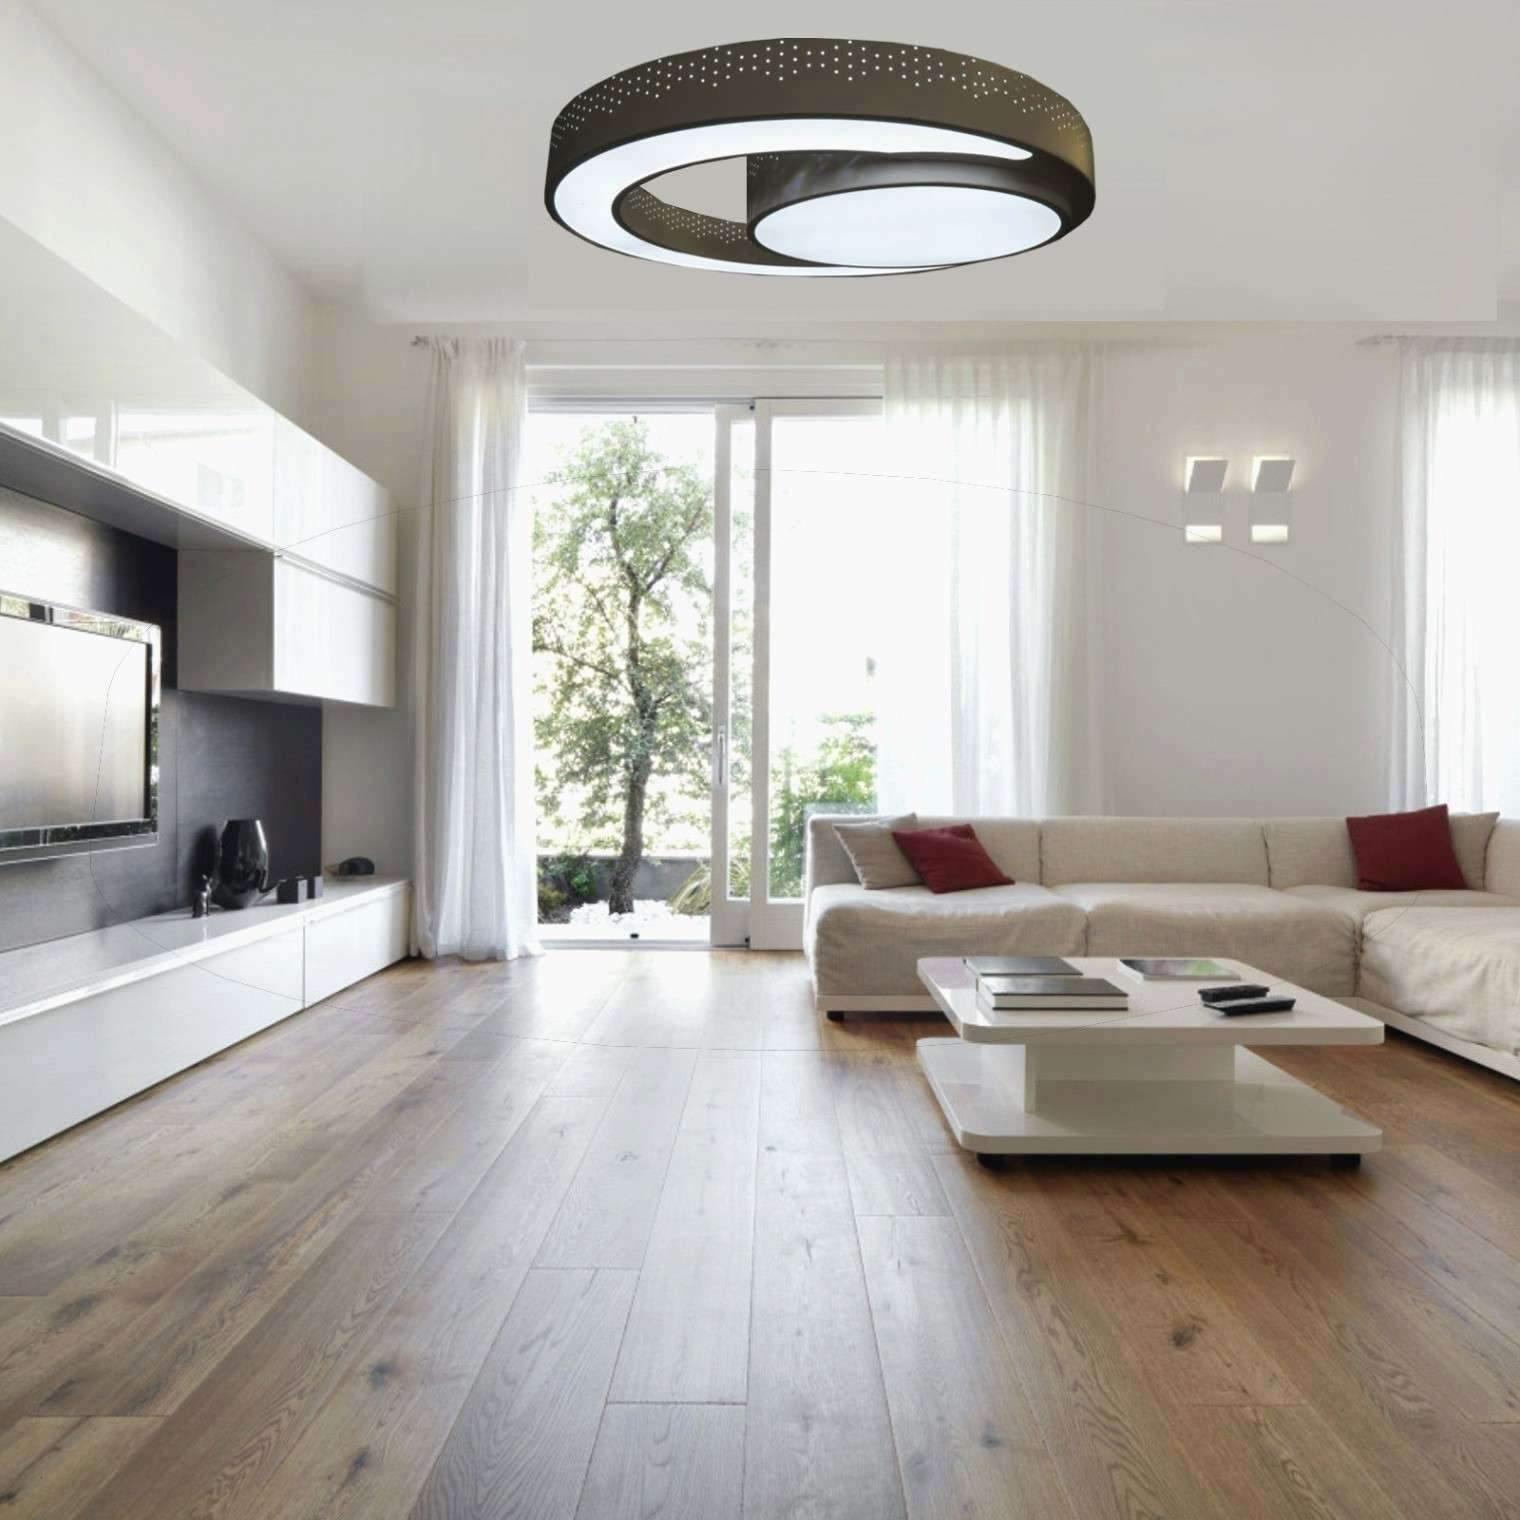 Full Size of Designer Lampen Wohnzimmer Moderne Elegant Inspirierend Deckenlampen Stehleuchte Wohnwand Teppich Für Badezimmer Modern Stehlampen Lampe Wandtattoos Bilder Wohnzimmer Designer Lampen Wohnzimmer